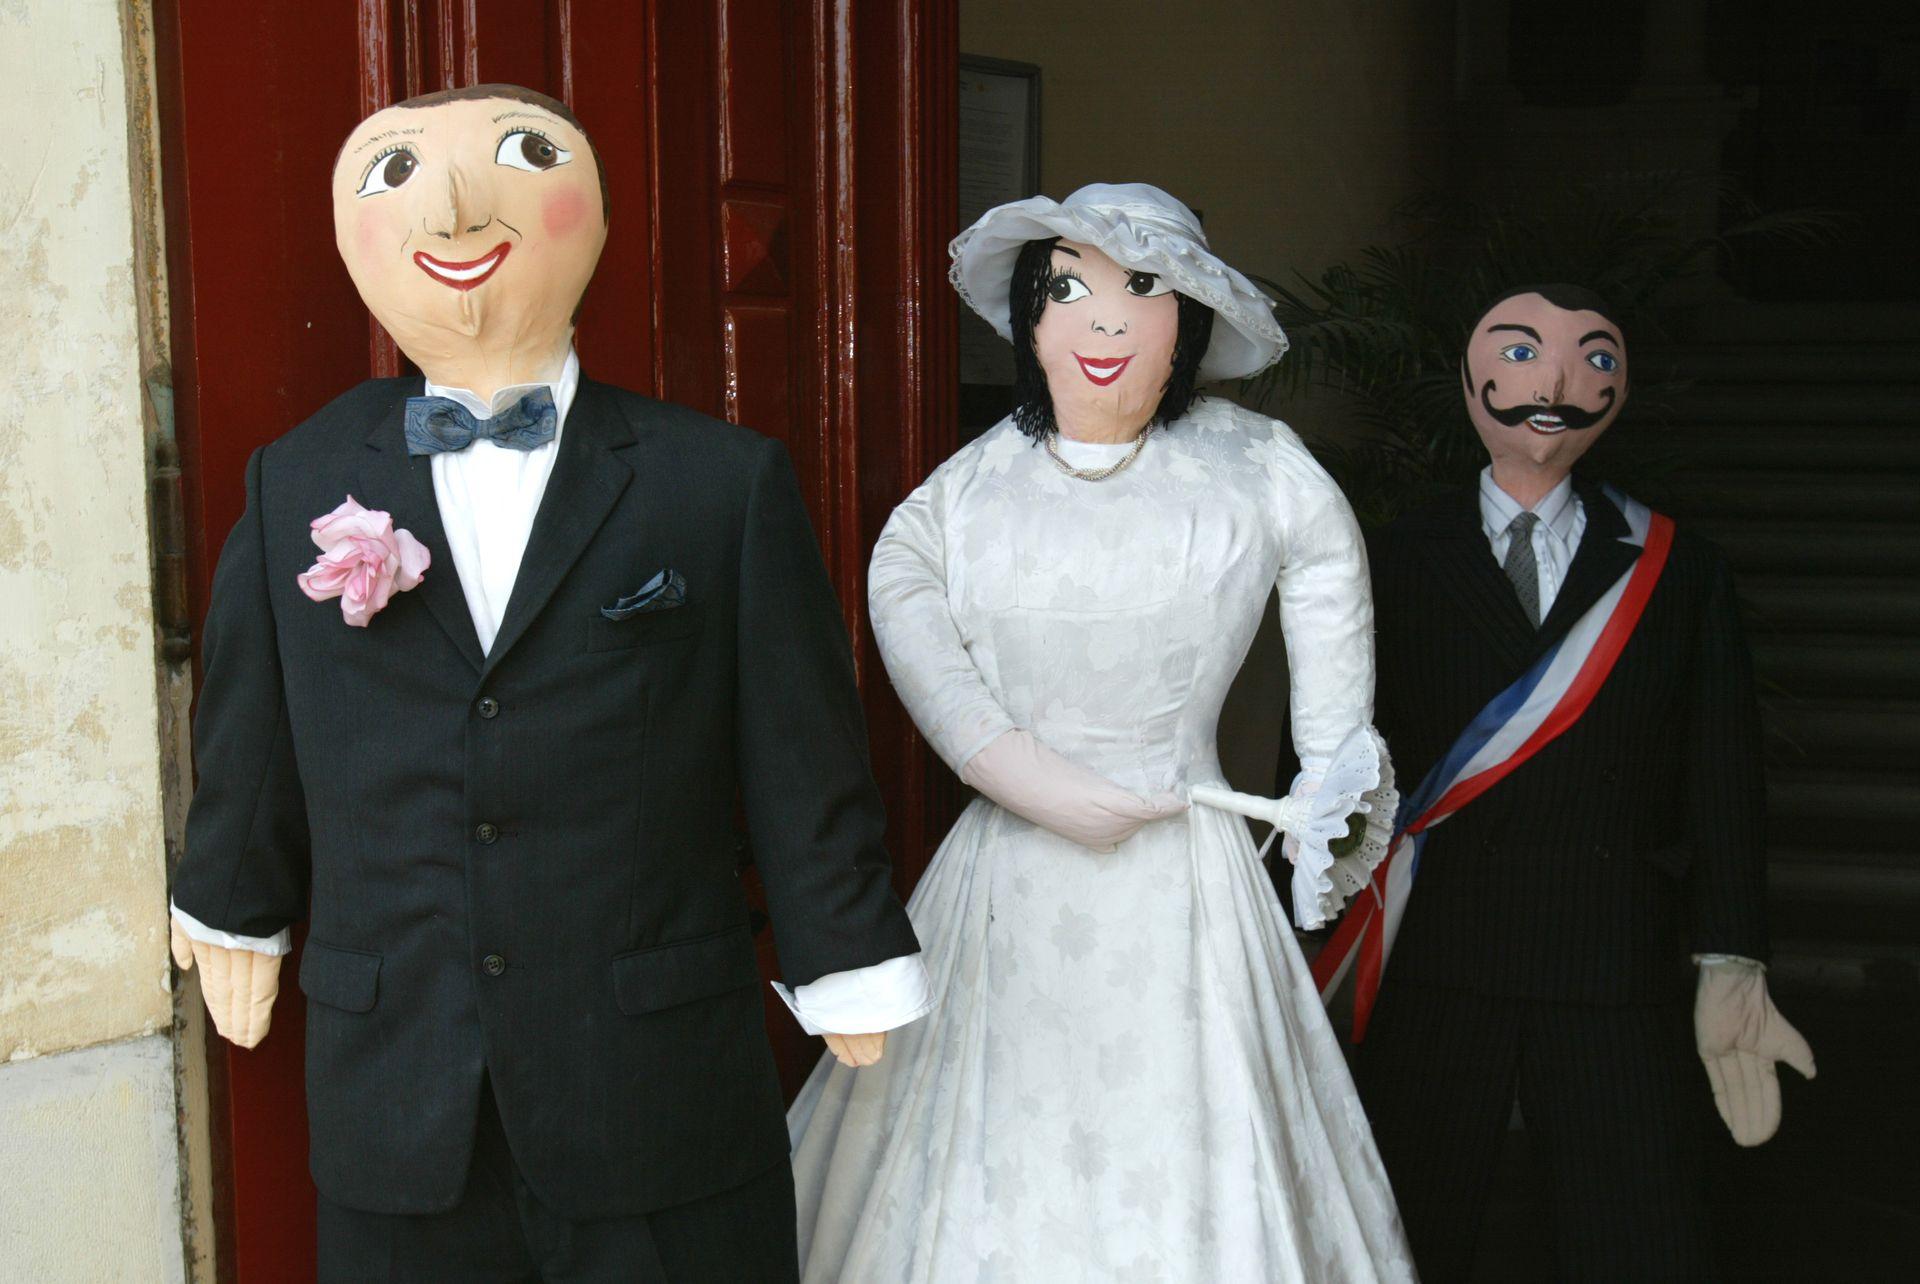 Petetas de Murviel Lès Béziers - Poupées de chiffon à taille humaine représentant un couple de mariés et Monsieur le Maire à la sortie de la mairie